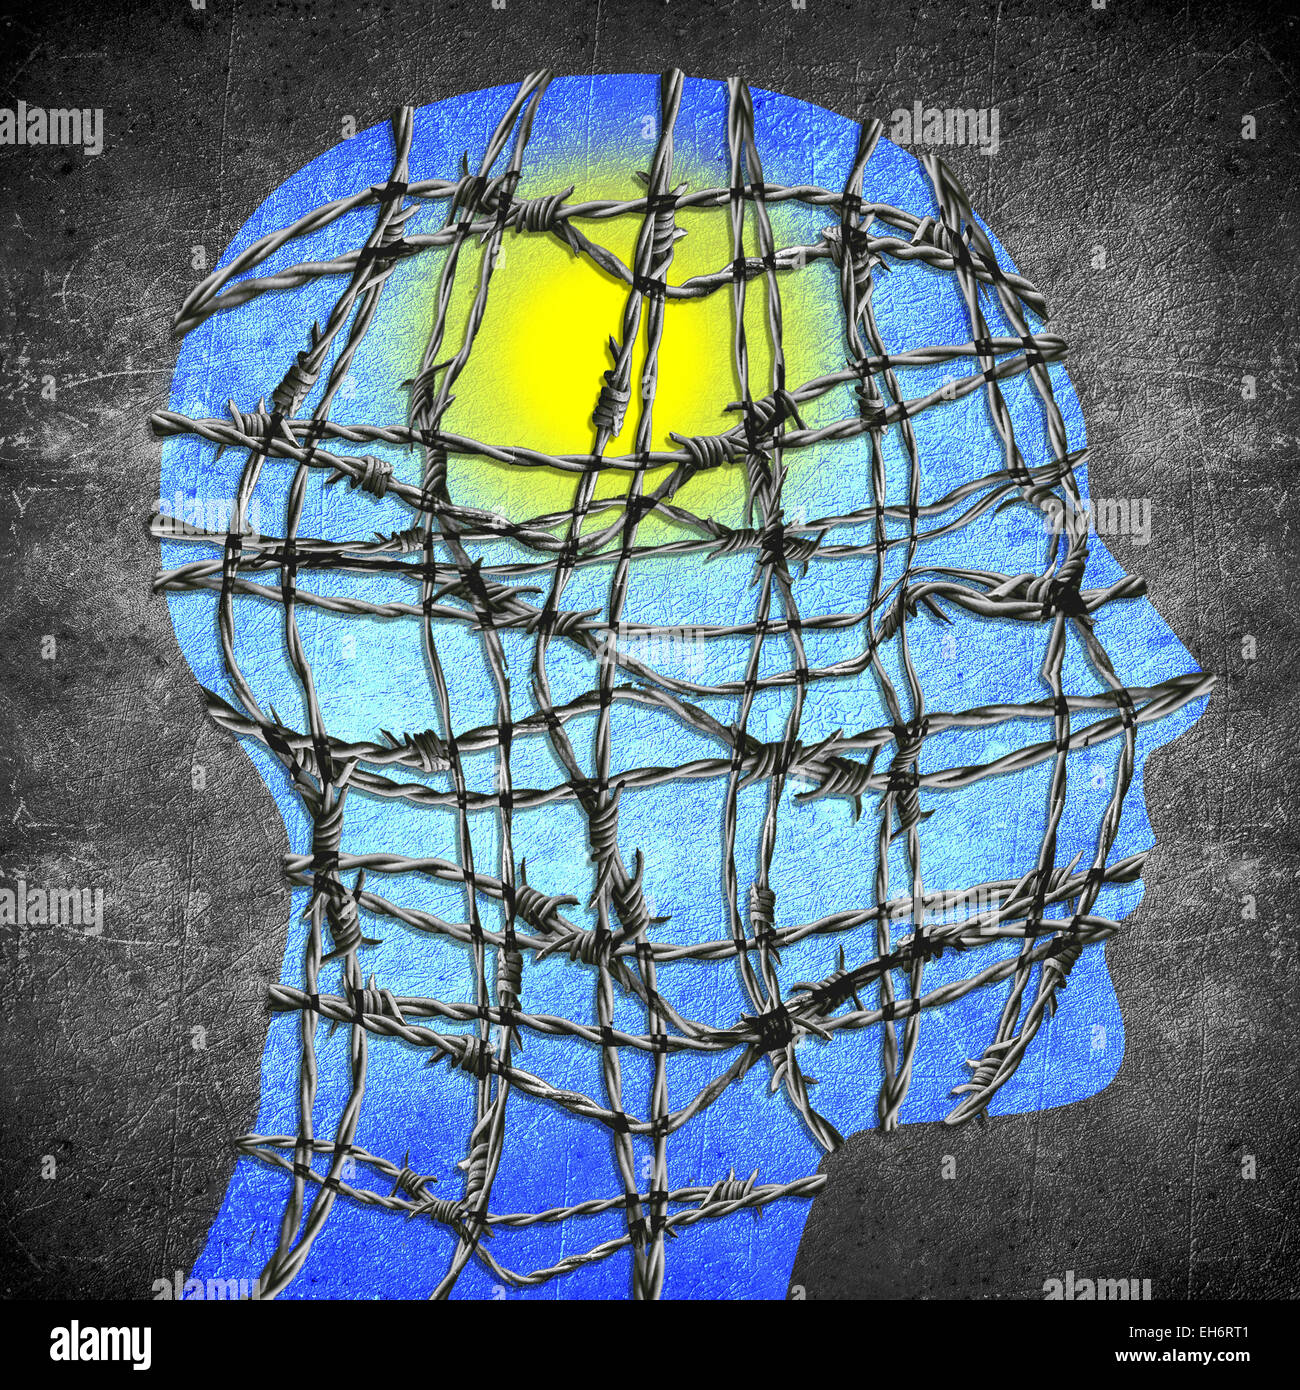 Silhouette de la tête avec du fil de fer barbelé soleil et ciel bleu illustration numérique Photo Stock